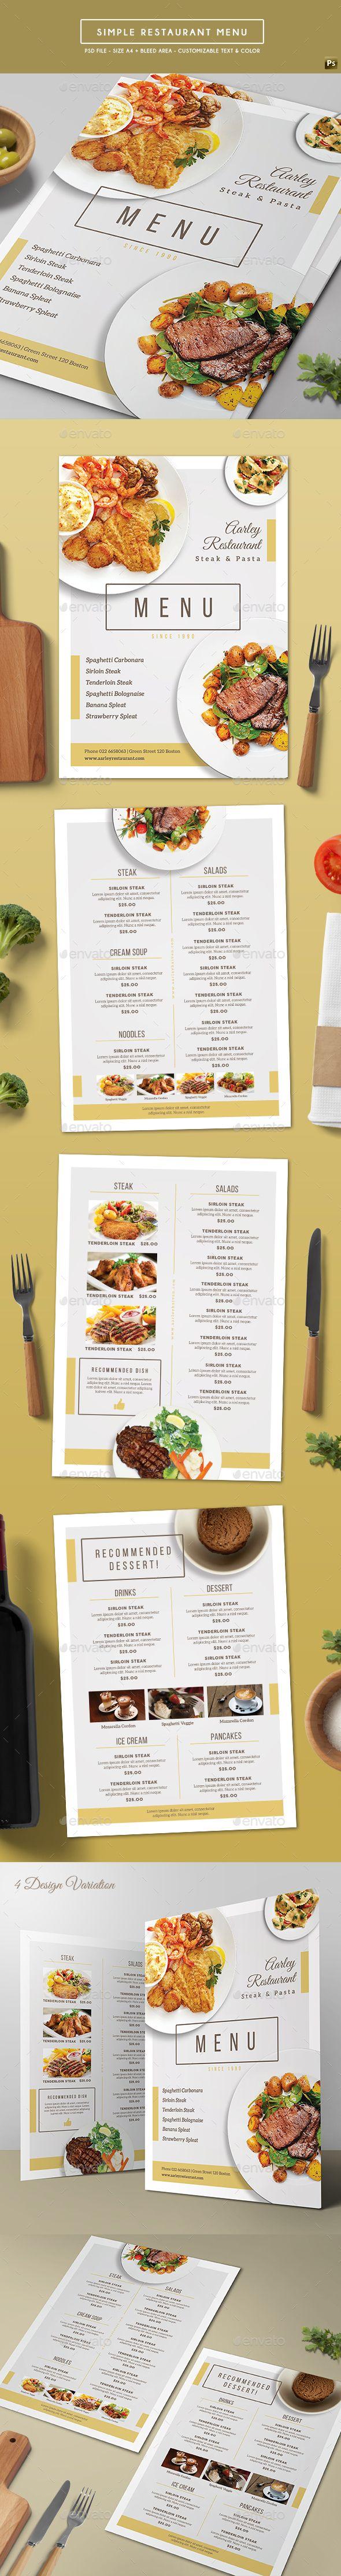 Simple Restaurant Menu | Speisekarte, Grafiken und Grafik design